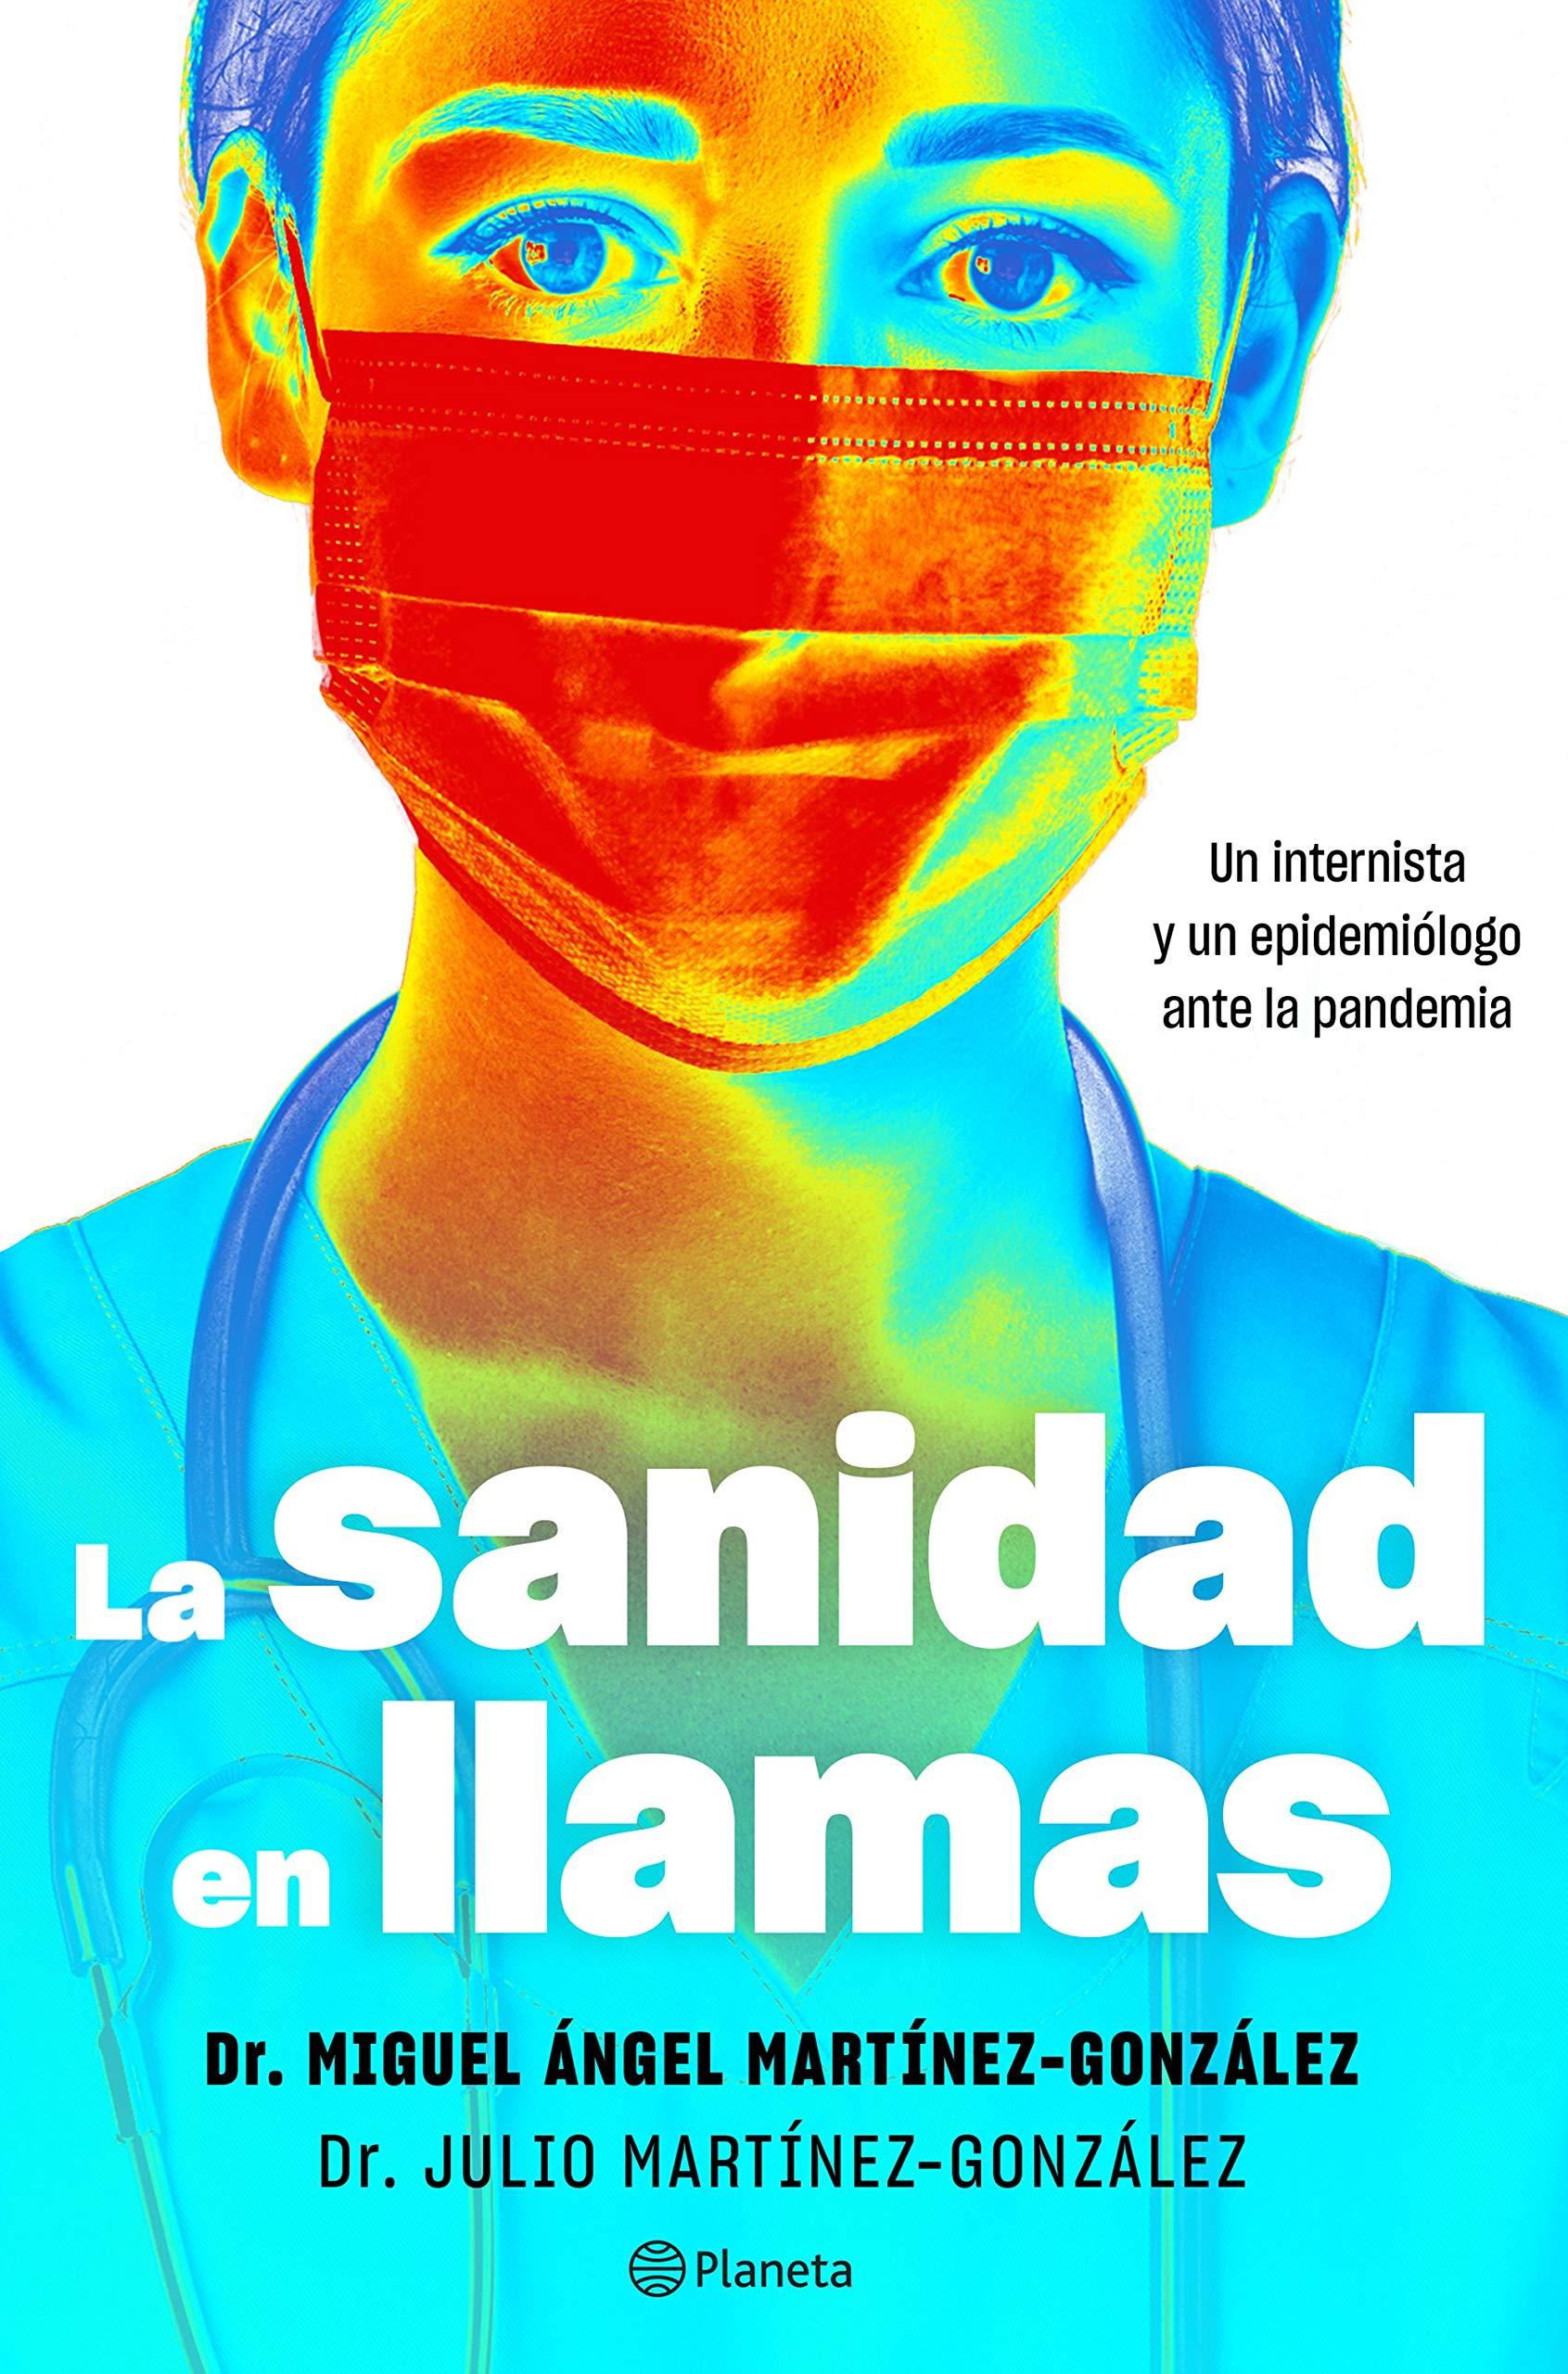 La sanidad en llamas: Un internista y un epidemiólogo ante la ...